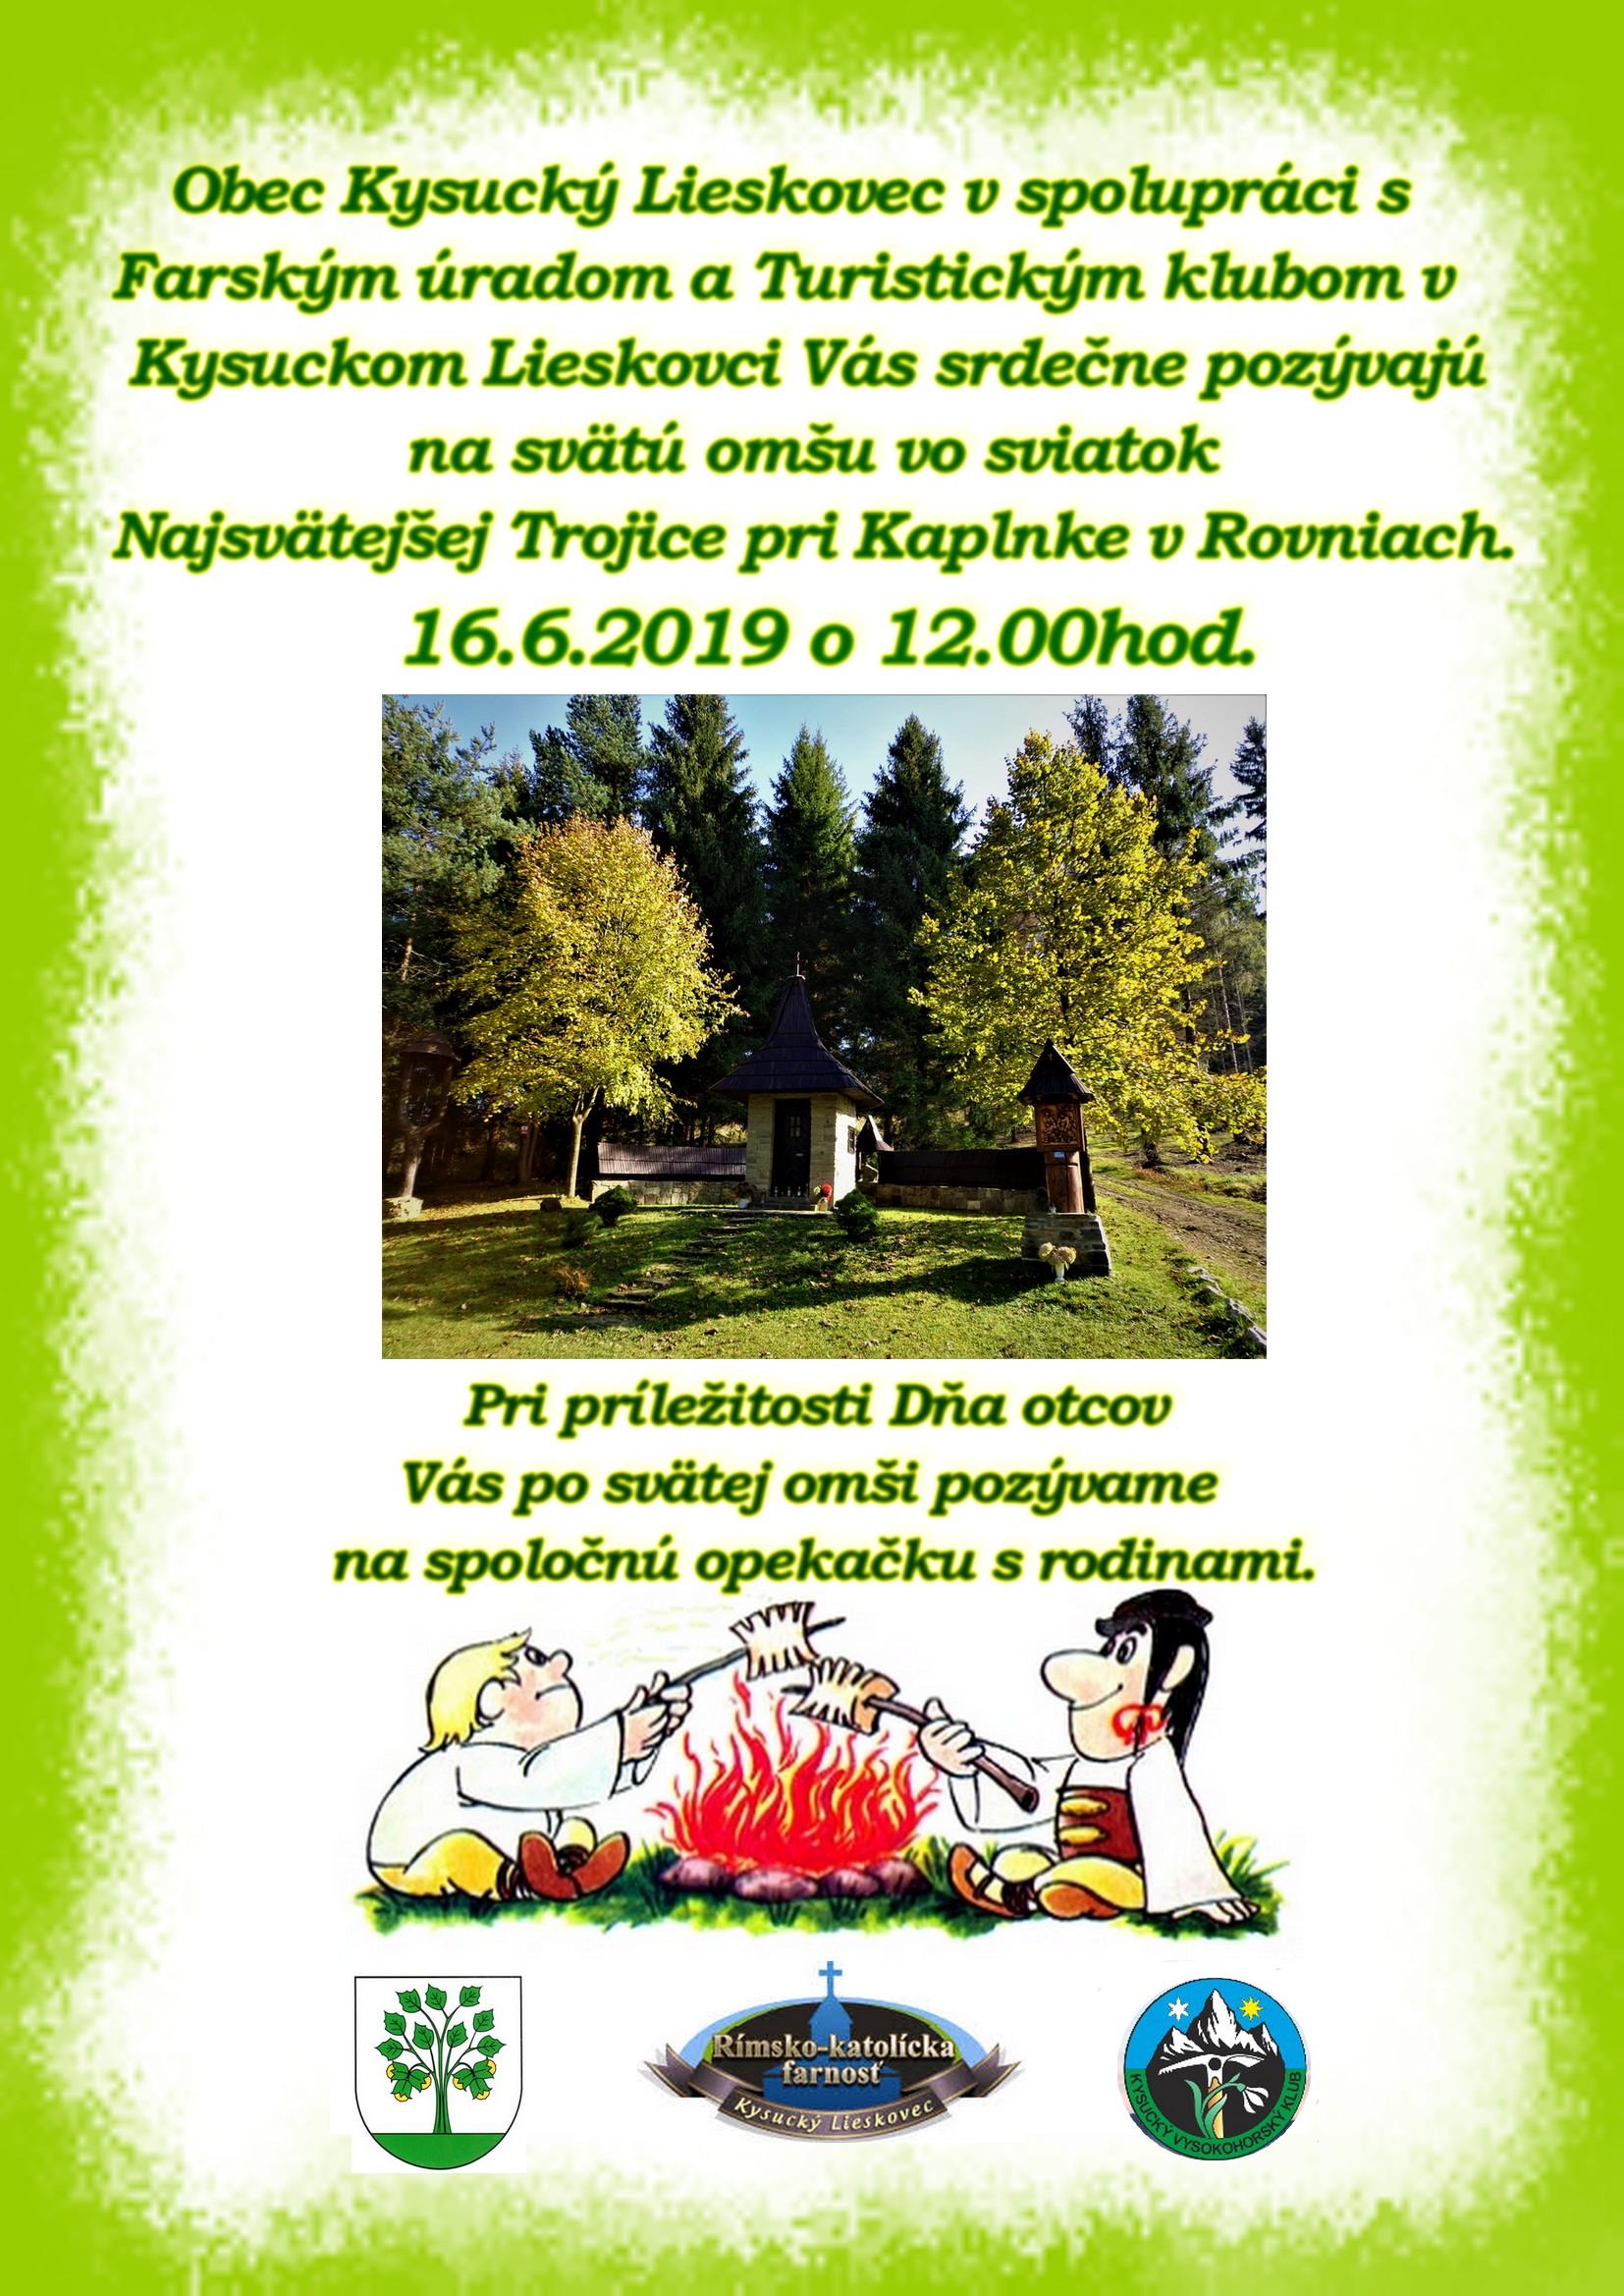 Il villaggio di Kysucky Lieskovec, in collaborazione con l'ufficio parrocchiale e il club turistico di Kysucky Lieskovec, vi invita alla Santa Messa nella festa della Santissima Trinità nella Cappella di Rovne. 16 giugno 2019 alle 12:00